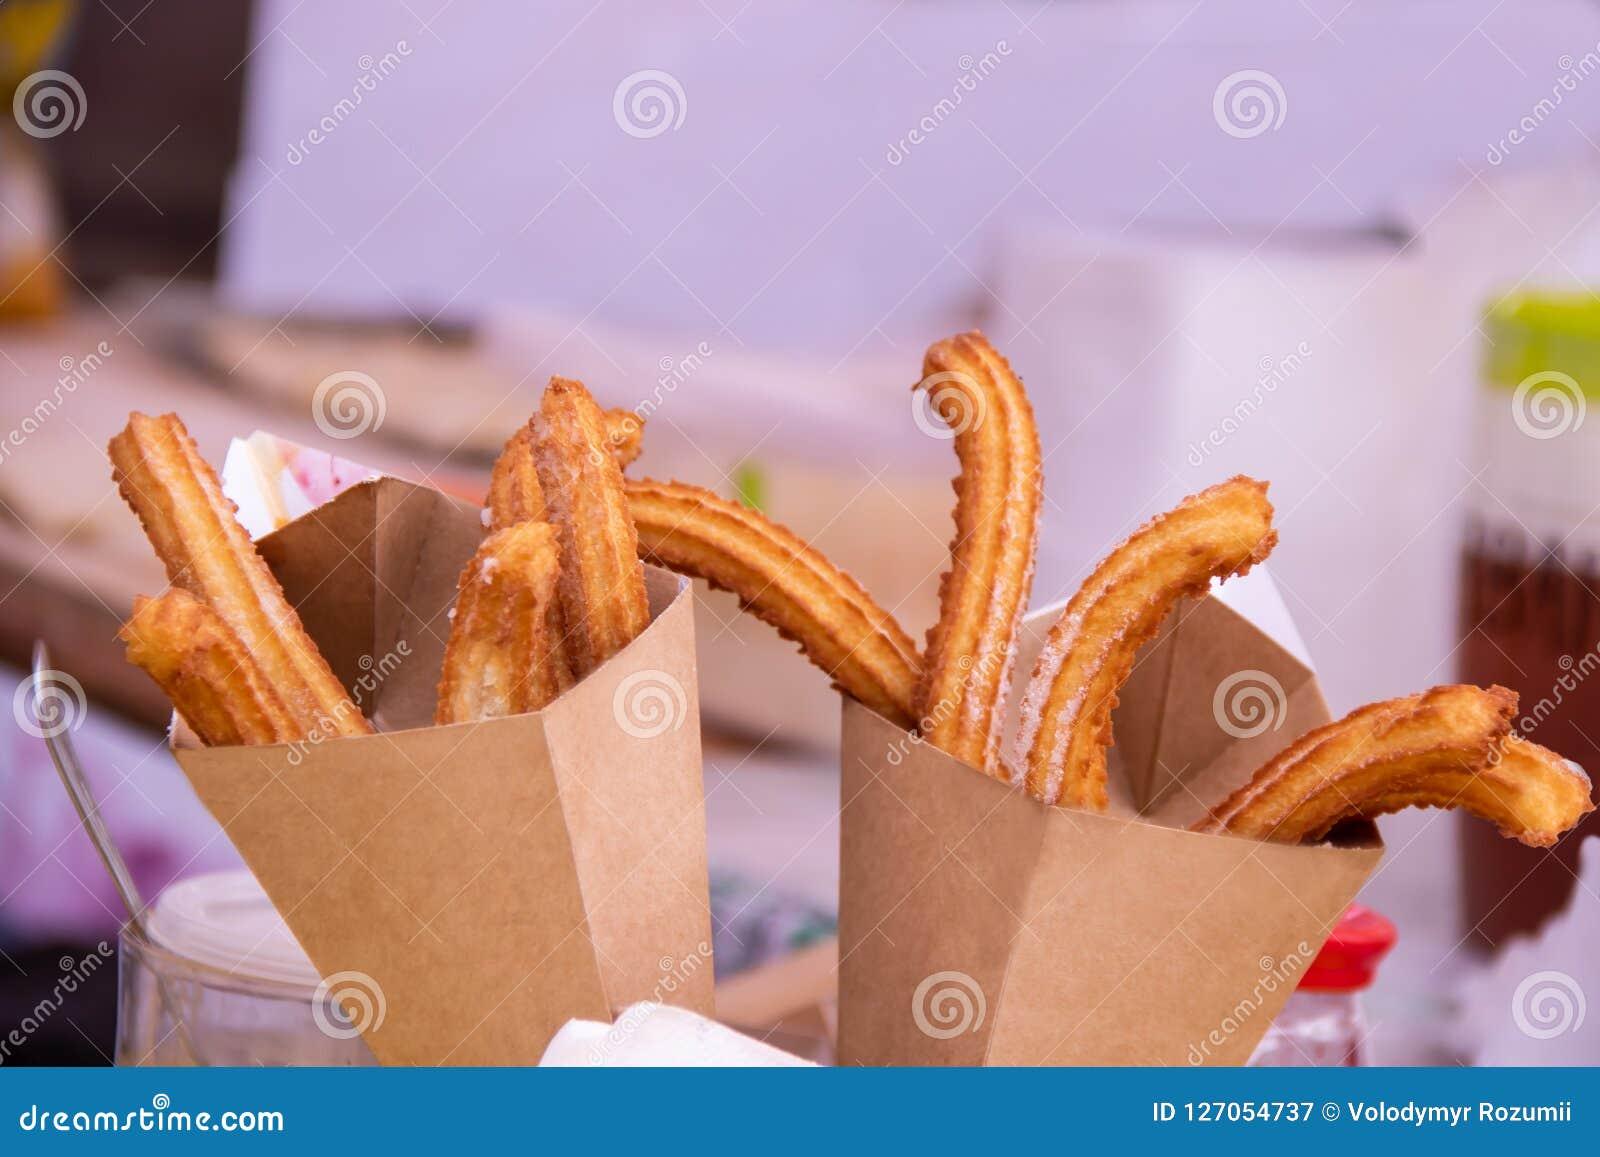 在纸袋油炸的可口churros棍子用搽粉的糖